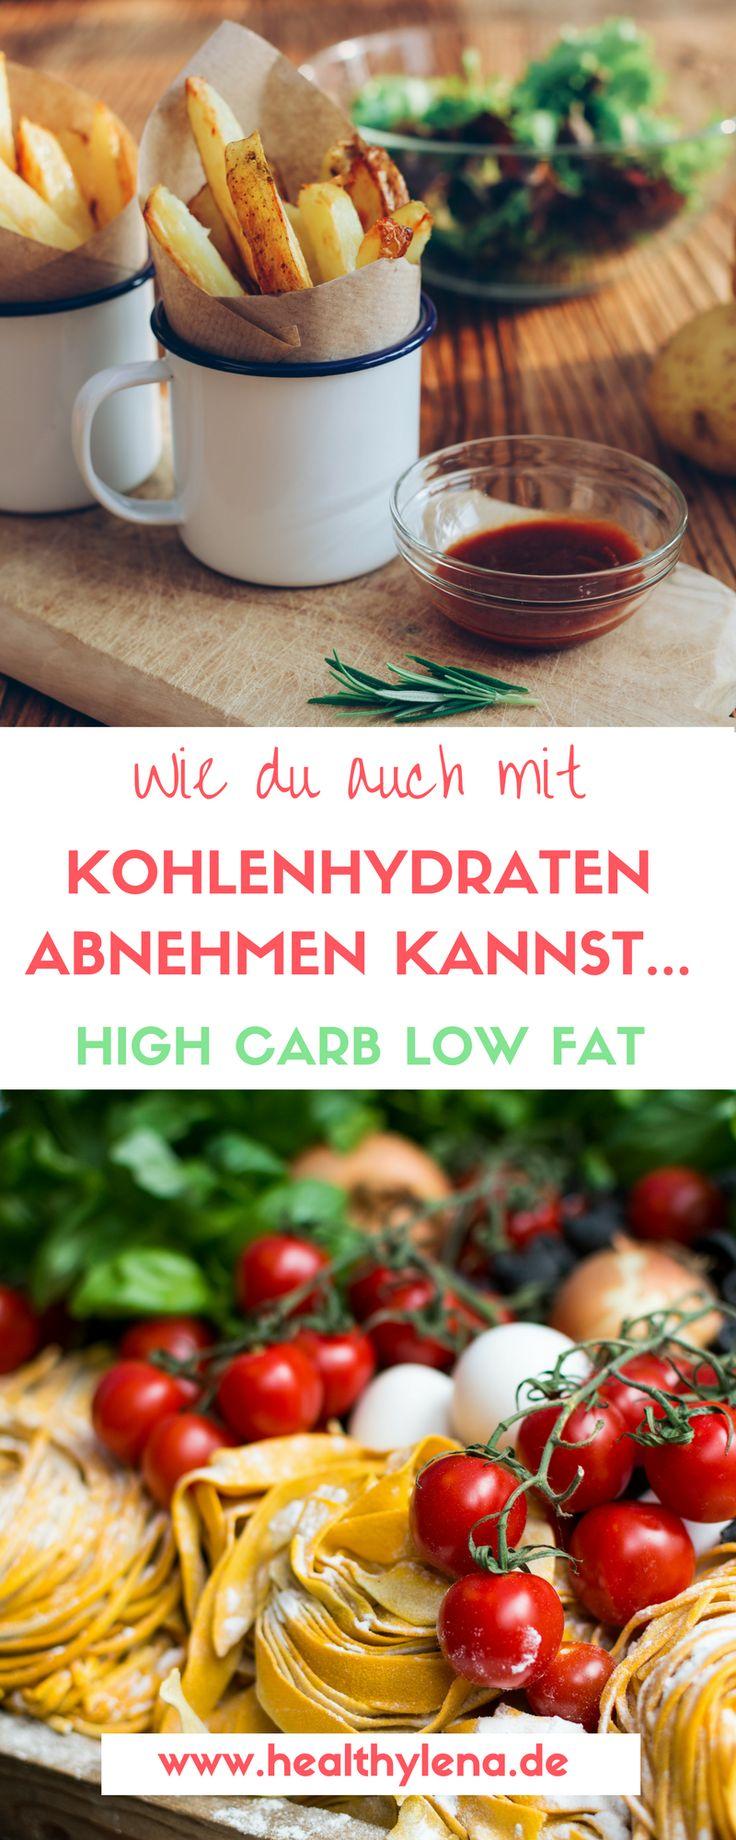 Es scheint, als hätte sich in den letzten Jahren in der Ernährungsbranche ein klarer Feind etabliert: die Kohlenhydrate. Low Carb oder sogar No Carb-Diäten gehören mittlerweile zum guten Ton und wer abnehmen möchte – da sind sich alle Ratgeber sicher – der sollte definitiv auf Kohlenhydrate verzichten. Was ist dran an dem Trend, der einen einzigen Makronährstoff so verteufelt? Stellt die Gegenbewegung High Carb Low Fat (vegan) eine echte Alternative dar? Diesen Fragen gehe ich heute auf den…